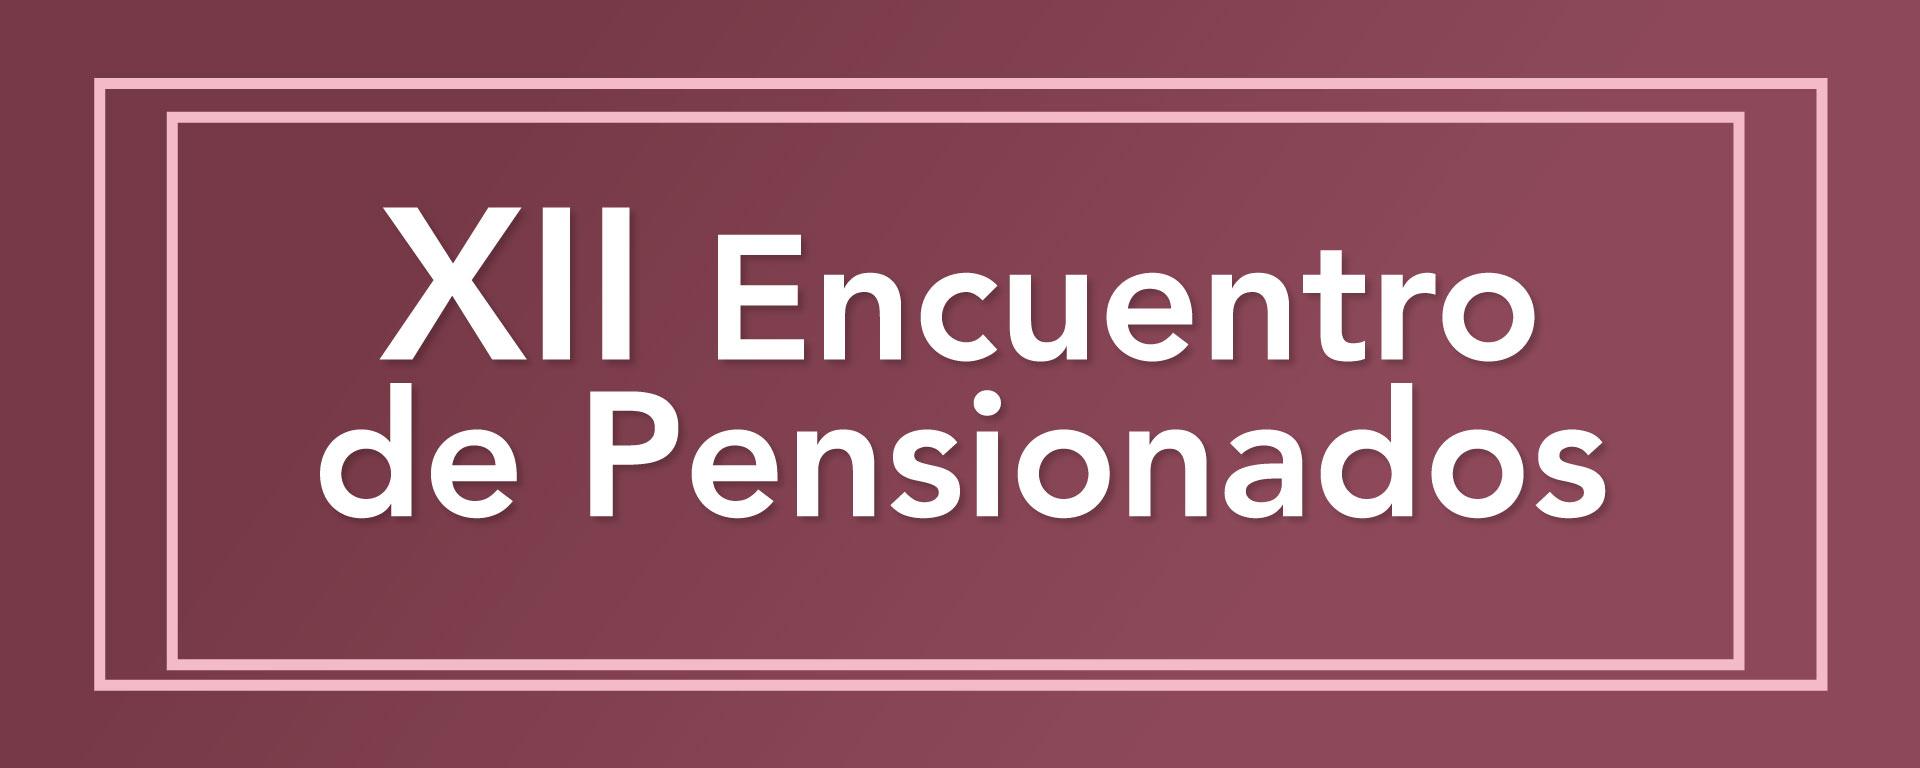 Encuentro-Pensionados-Pagina